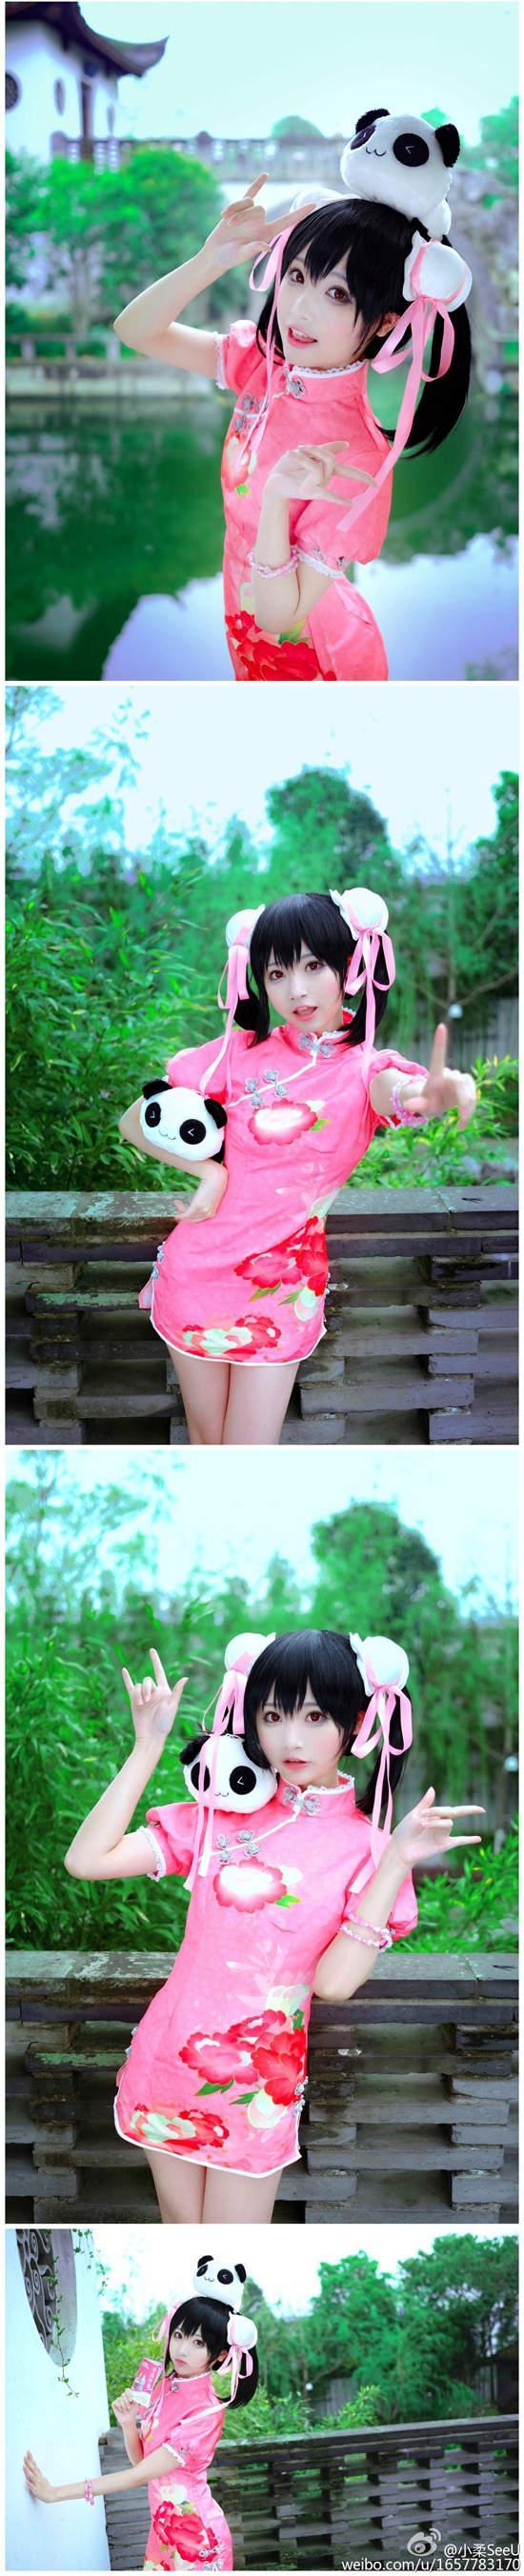 小柔SeeU - 跨越次元之壁CG級甜美萌系美少女Coser成話題、可愛蘿莉插畫家還原度百分百高擬真Cosplay